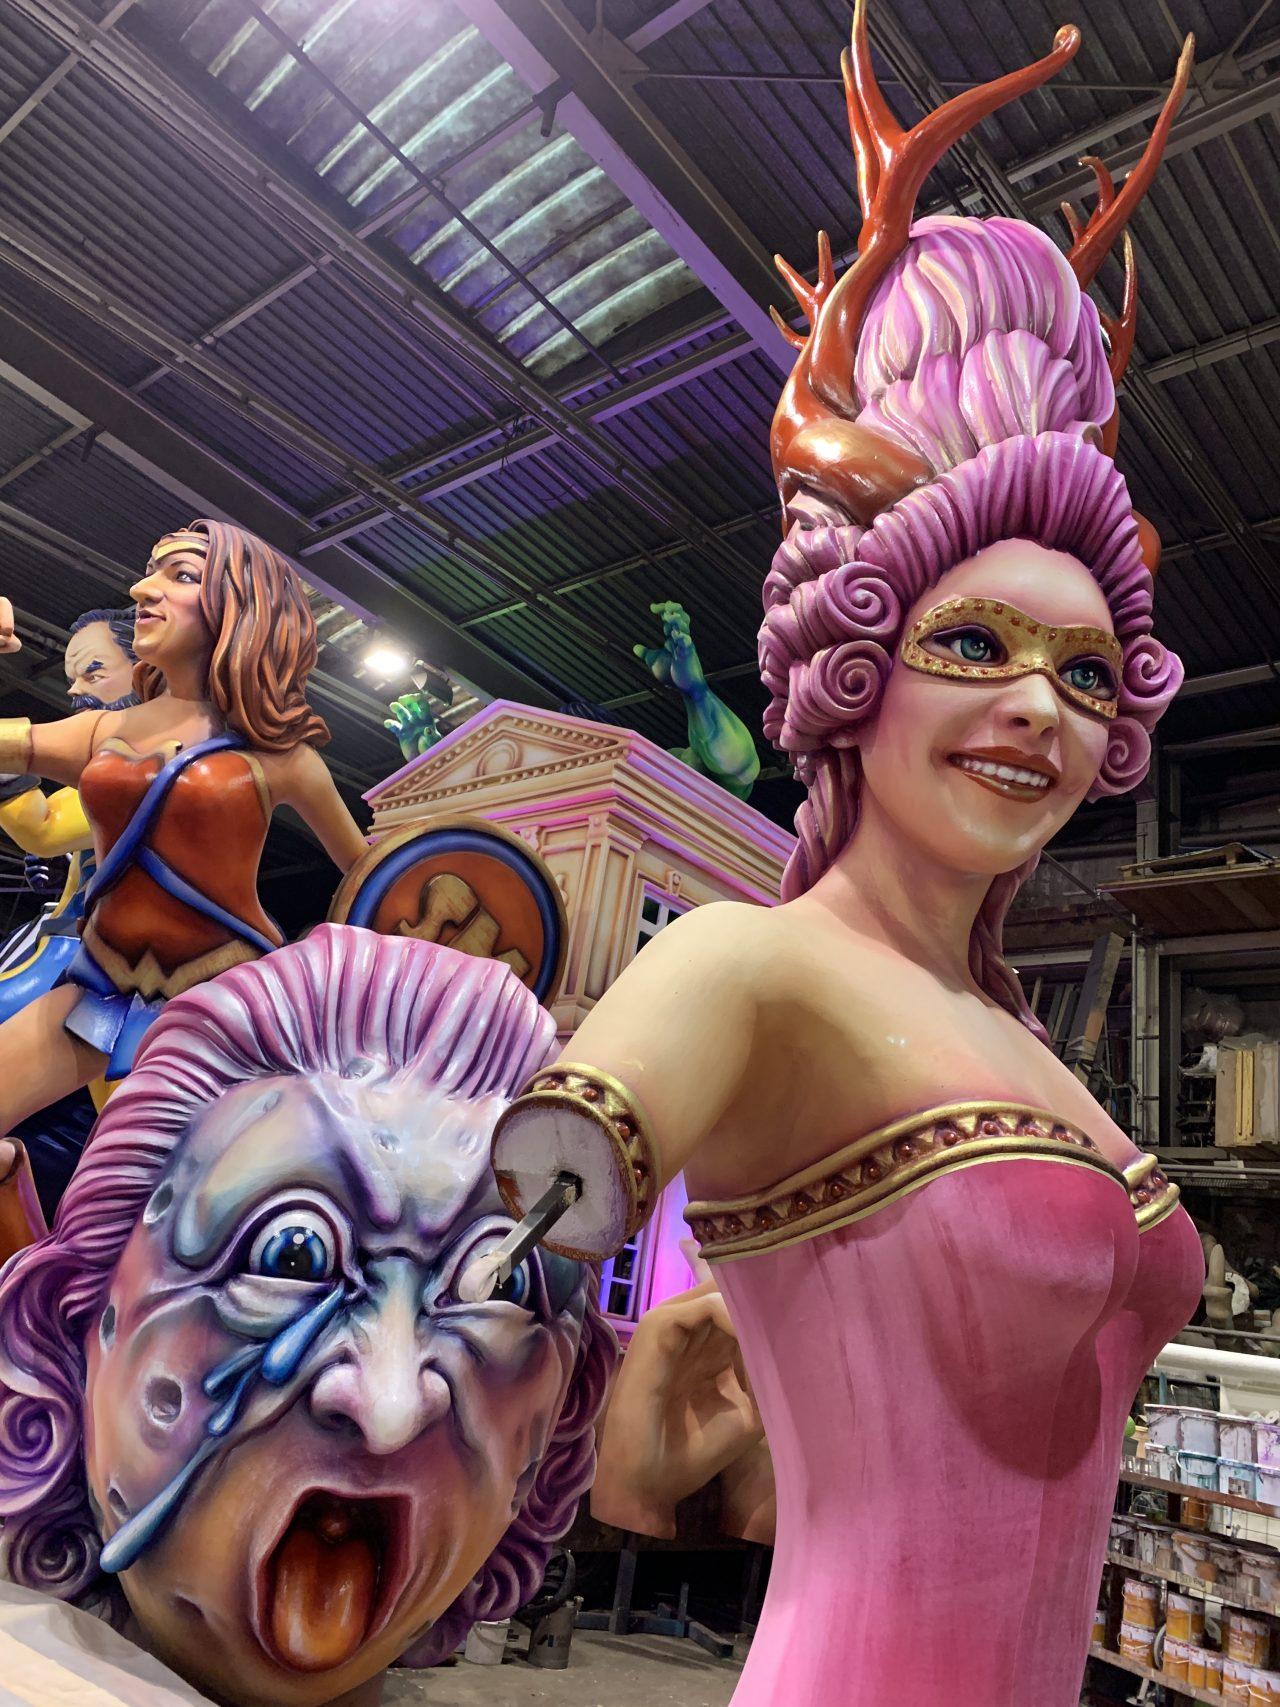 5 Reine du carnaval, 2019